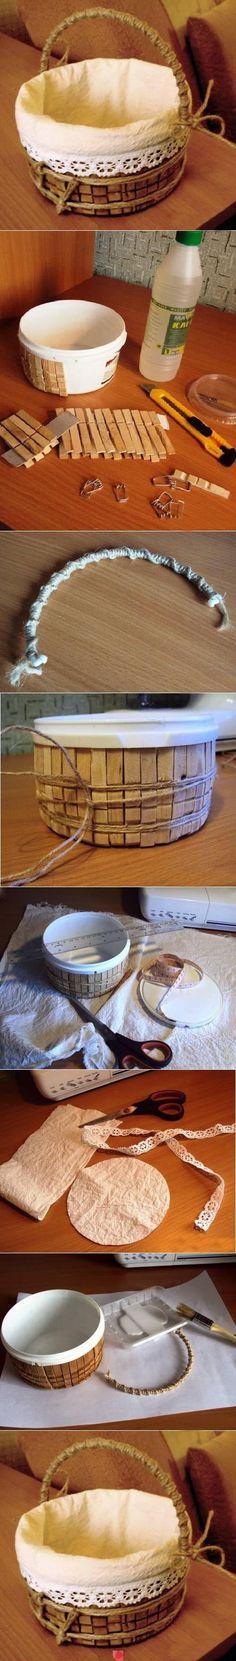 Original Canastita hecha con broches de ropa ...la podés decorar como quieras...dejá volar tu imaginación!!!.